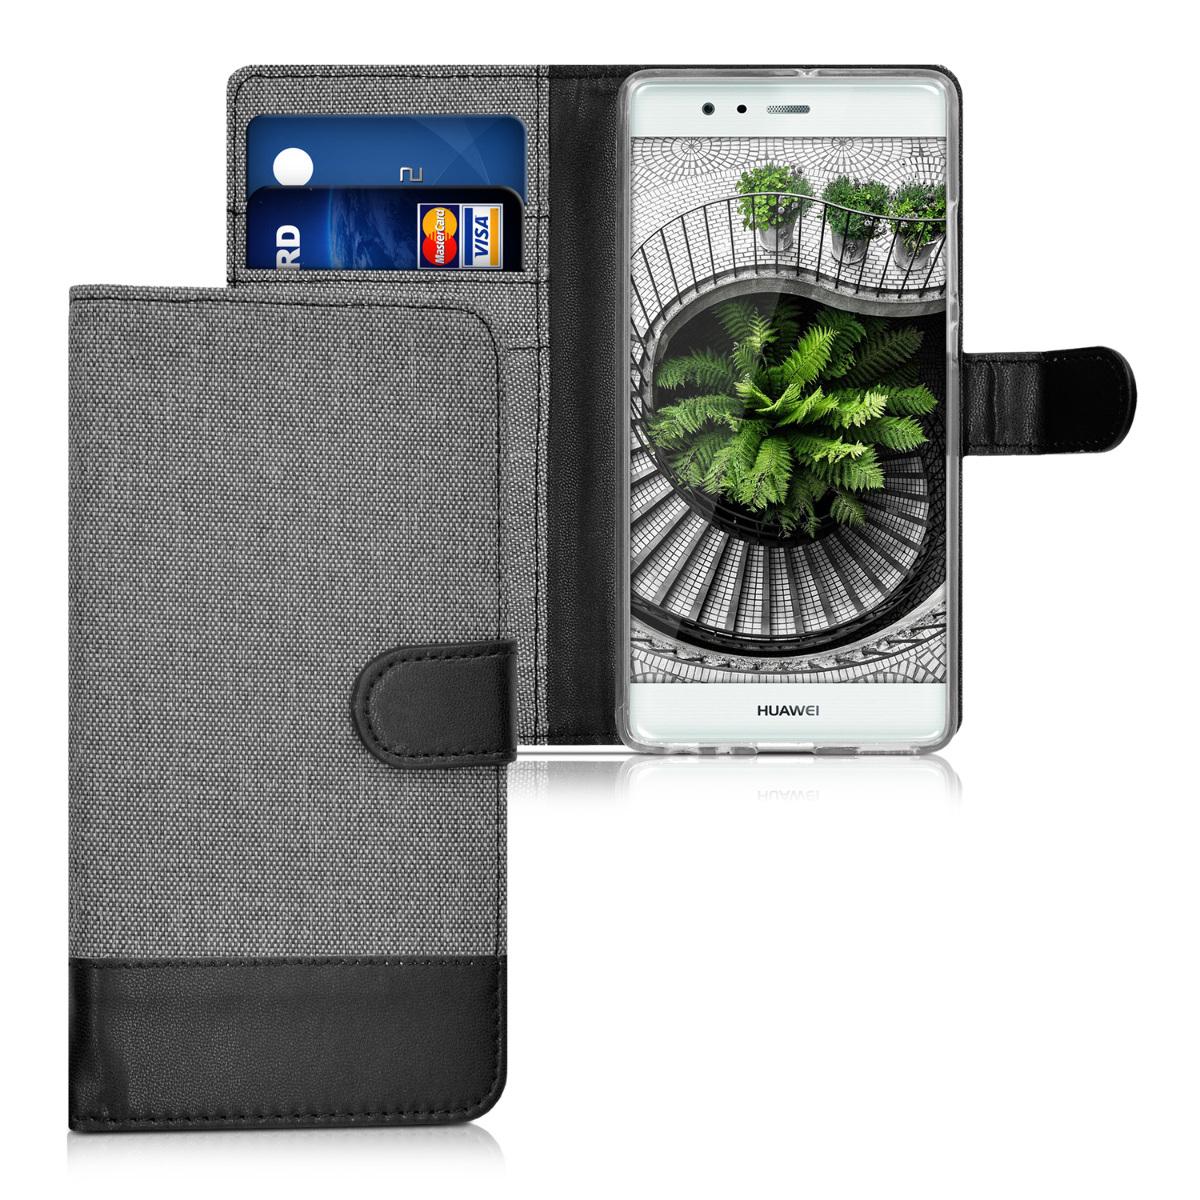 KW Θήκη - Πορτοφόλι Huawei P9 - Συνθετικό Δέρμα - Grey / Black (38010.22)